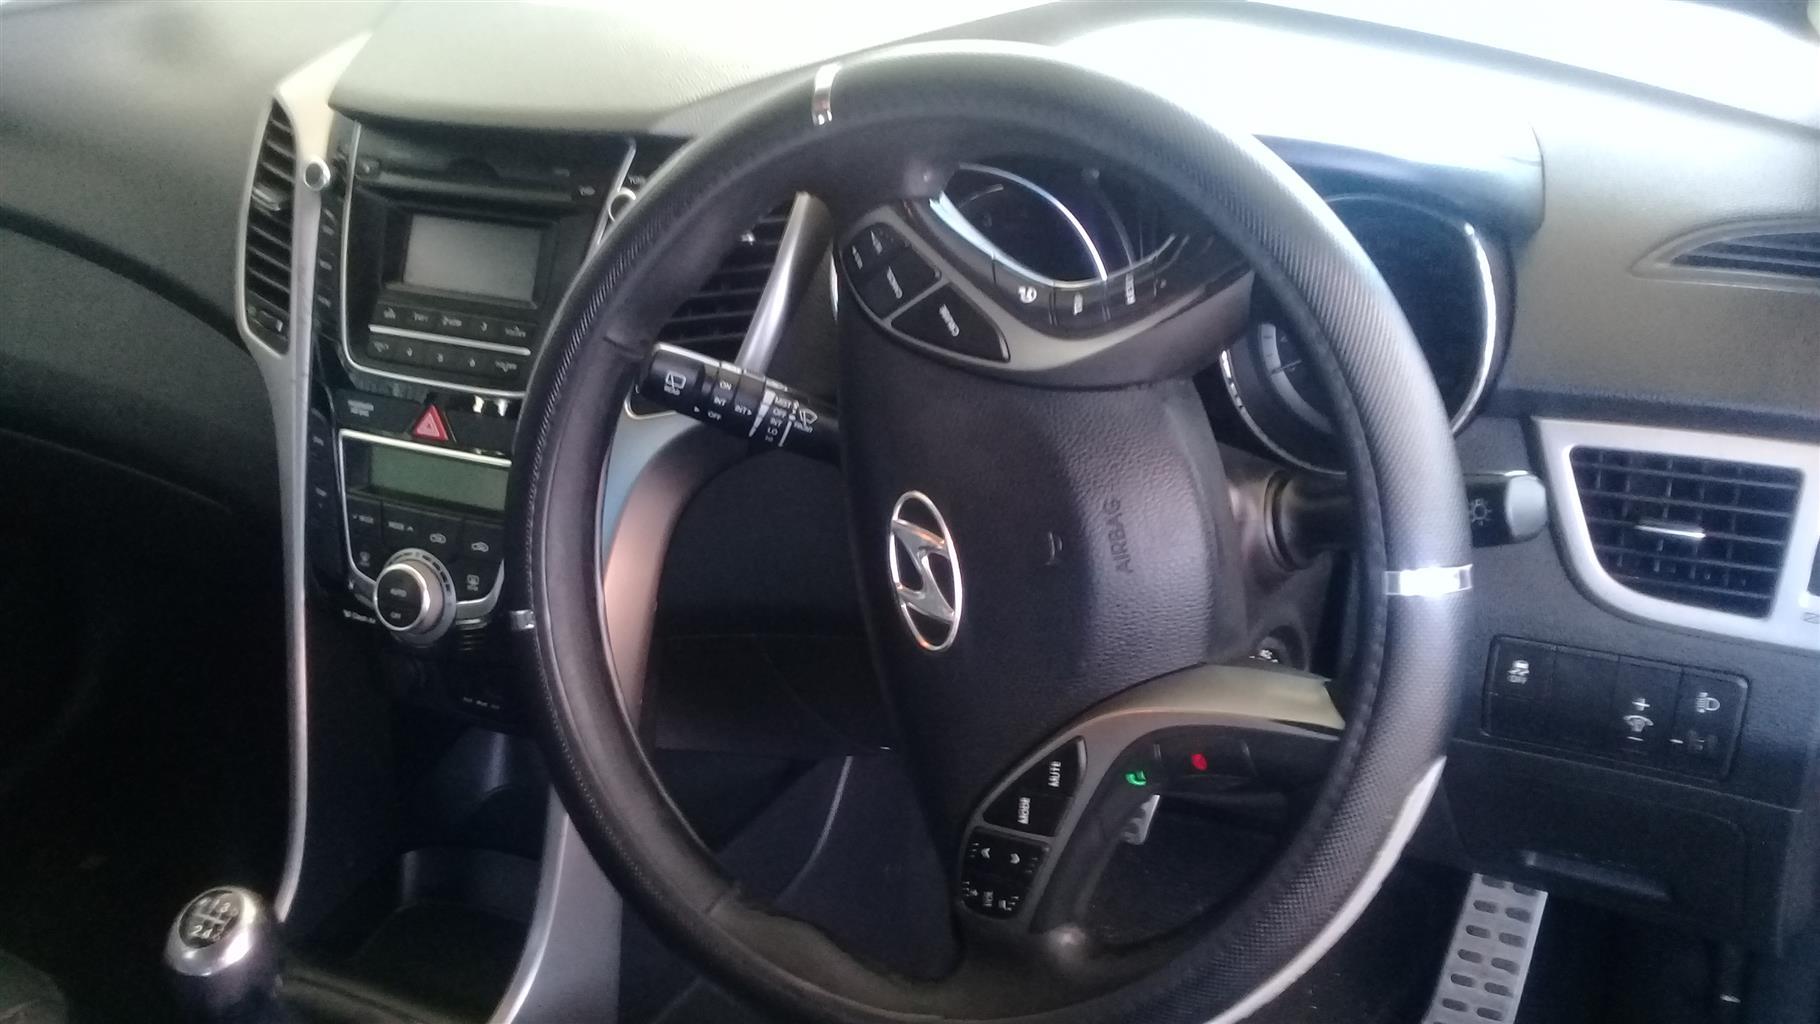 2014 Hyundai i-30 1.6 Engine Capacity with Manuel Transmission,